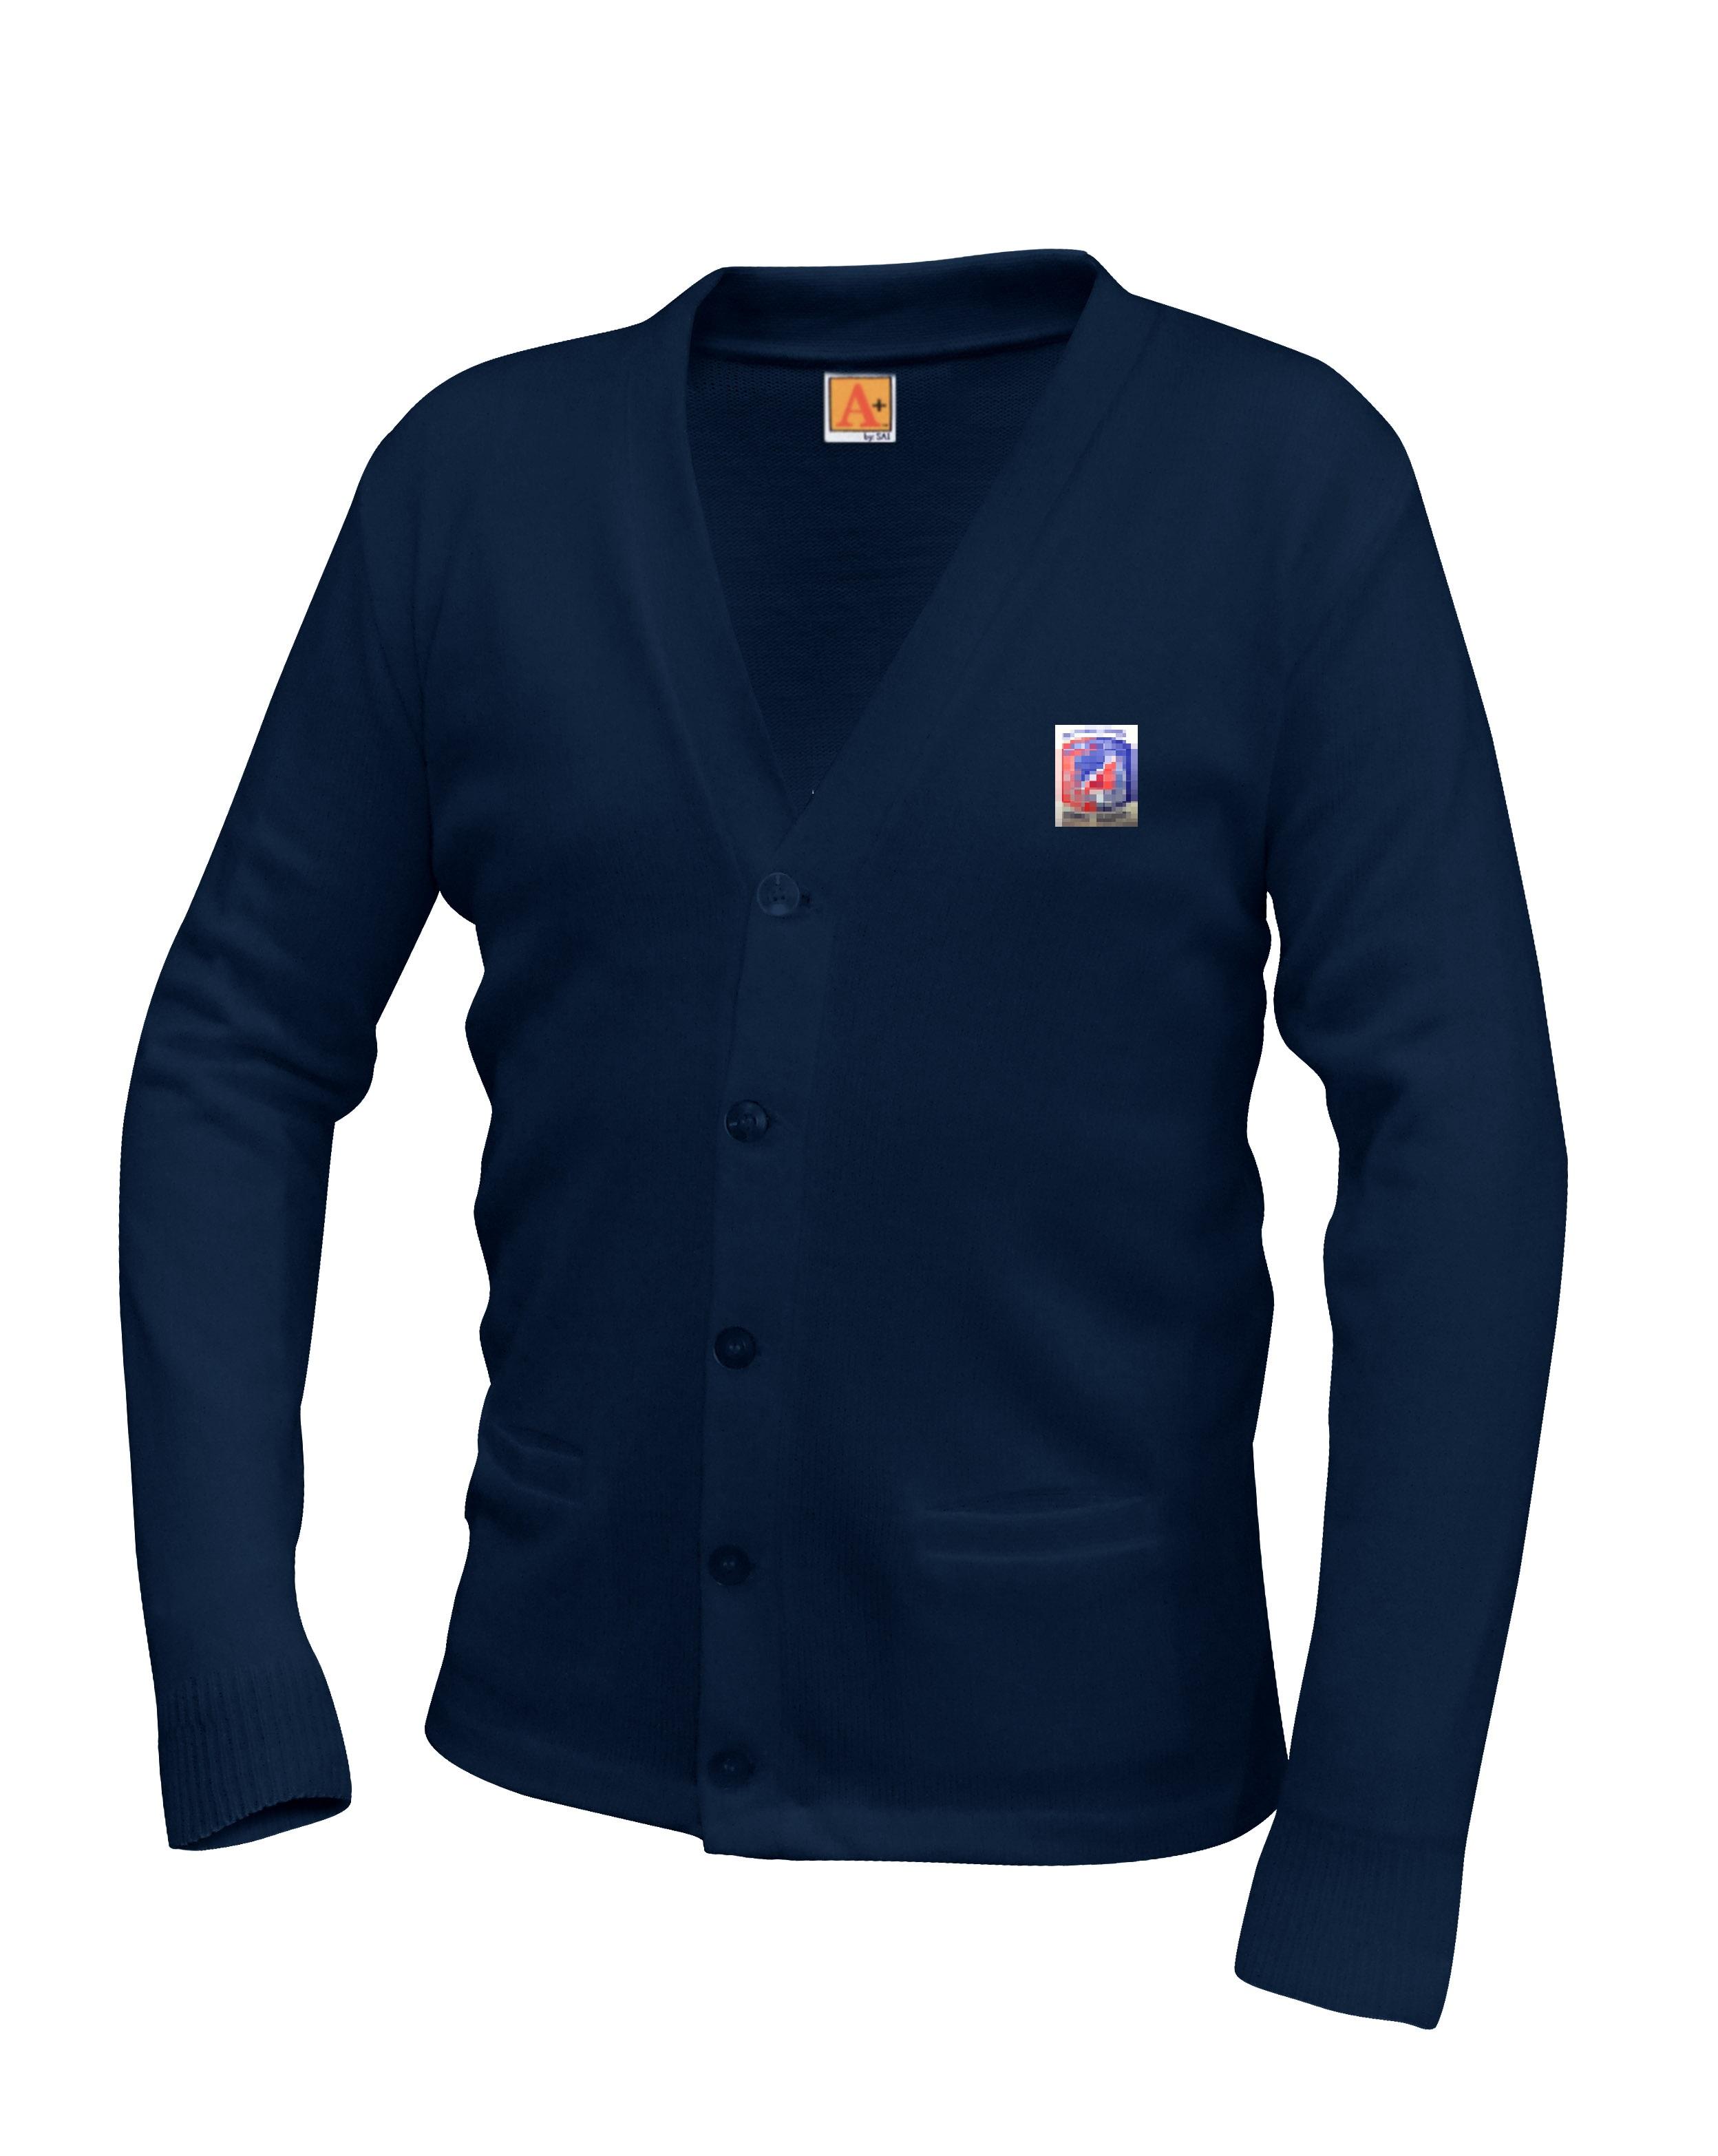 Cardigan Sweater Navy, EMB-ARC – Size Youth XXS – XL